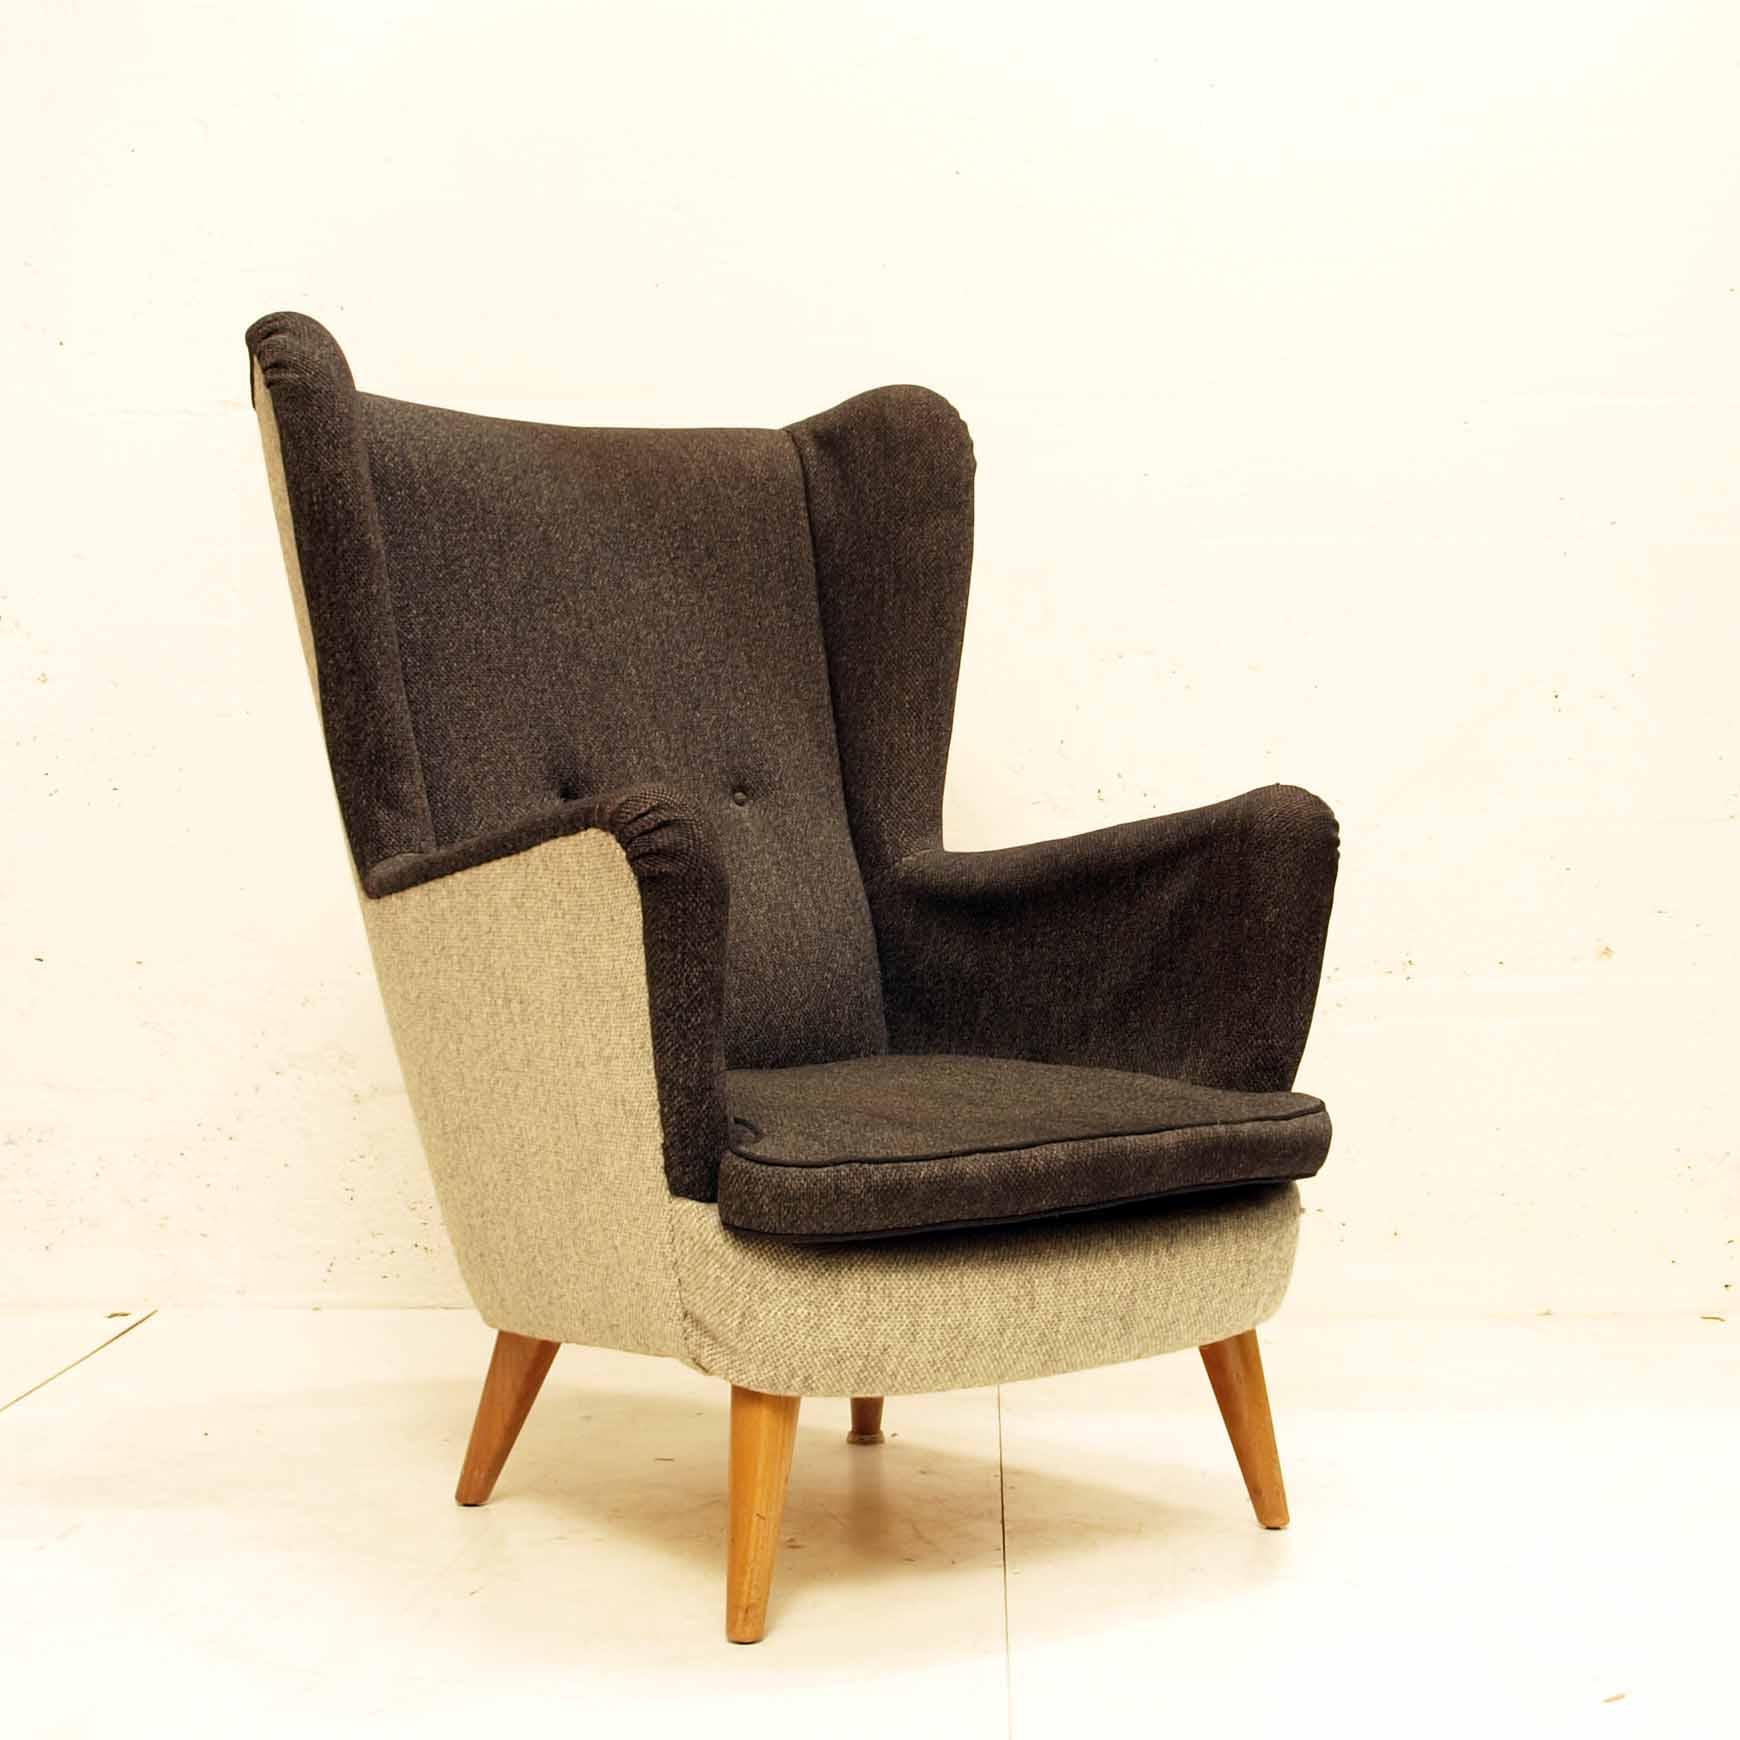 50er Jahre Mobel Bauhaus 40er 50er Jahre Kommode Industriedesign Mobel